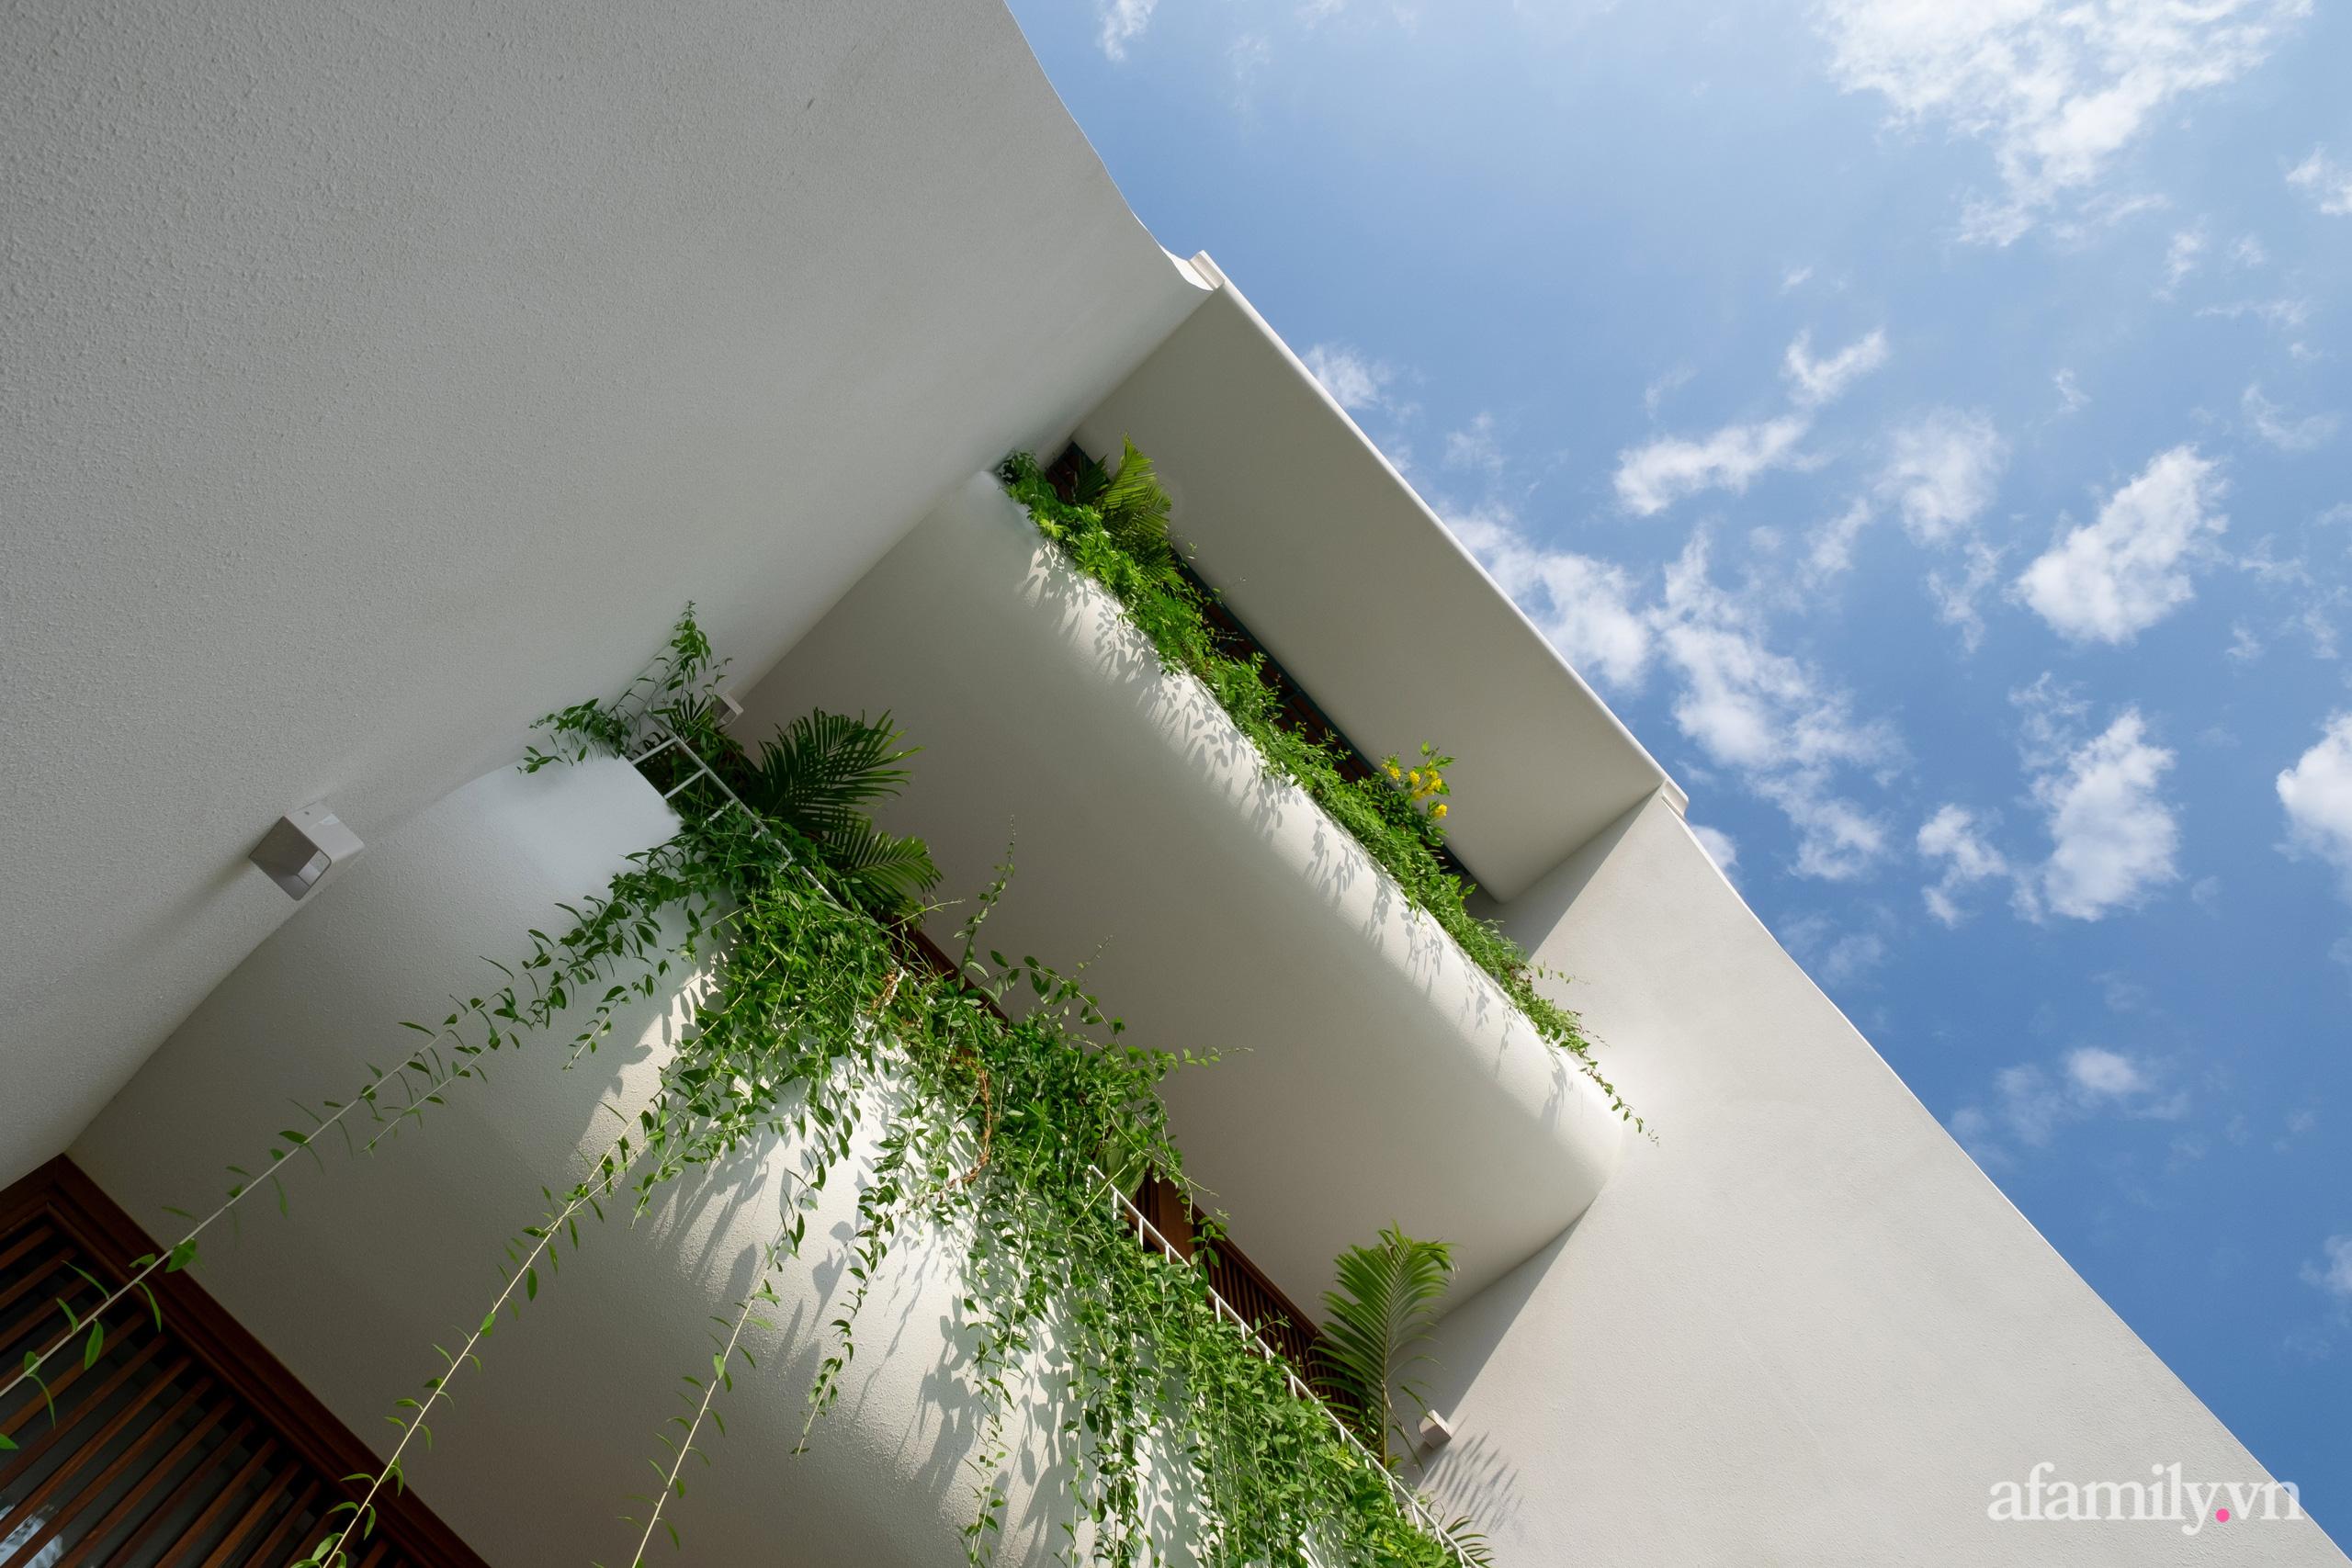 Nhà phố hướng Tây vẫn mát mẻ không cần điều hòa nhờ thiết kế gần gũi với thiên nhiên ở Nha Trang - Ảnh 3.